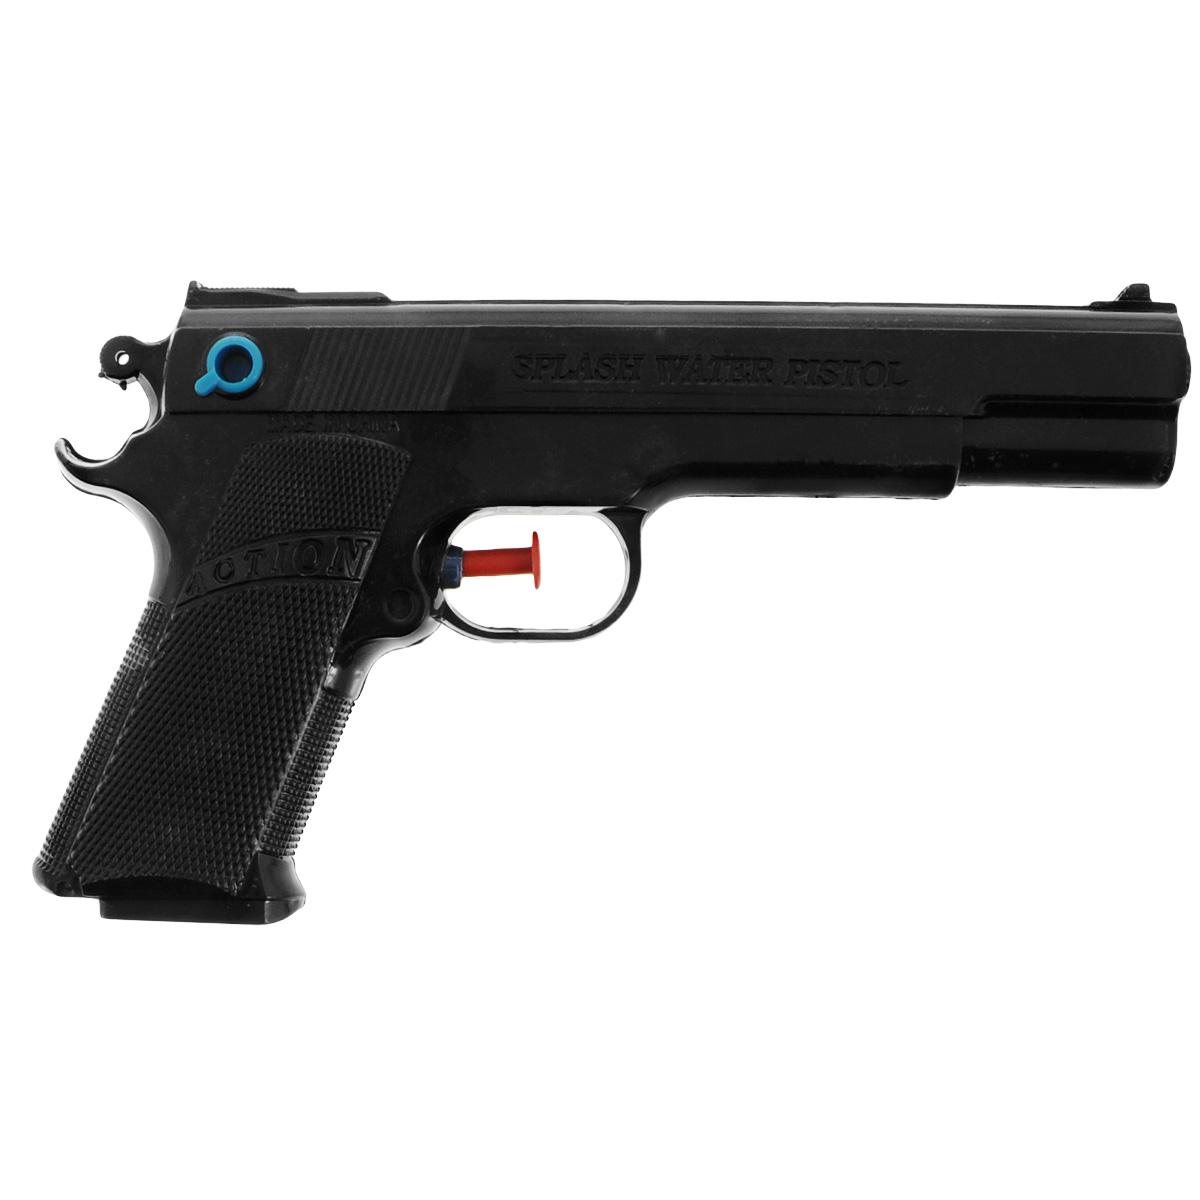 Водный пистолет Bebelot Суперагент. BEB1106-006BEB1106-006Водный пистолет Bebelot Суперагент станет отличным развлечением для детей в жаркую летнюю погоду. Пистолет выполнен из прочного безопасного пластика ярких цветов и невероятно прост в использовании. Заполните резервуар водой и начинайте стрелять! При нажатии на курок пистолет выстреливает струей воды. Резервуар для воды надежно закрывается пластиковым клапаном. Такая игрушка не только порадует малыша, но и поможет ему совершенствовать мелкую и крупную моторику, а также координацию движений. С водным пистолетом ваш малыш сможет устроить настоящее водное сражение!